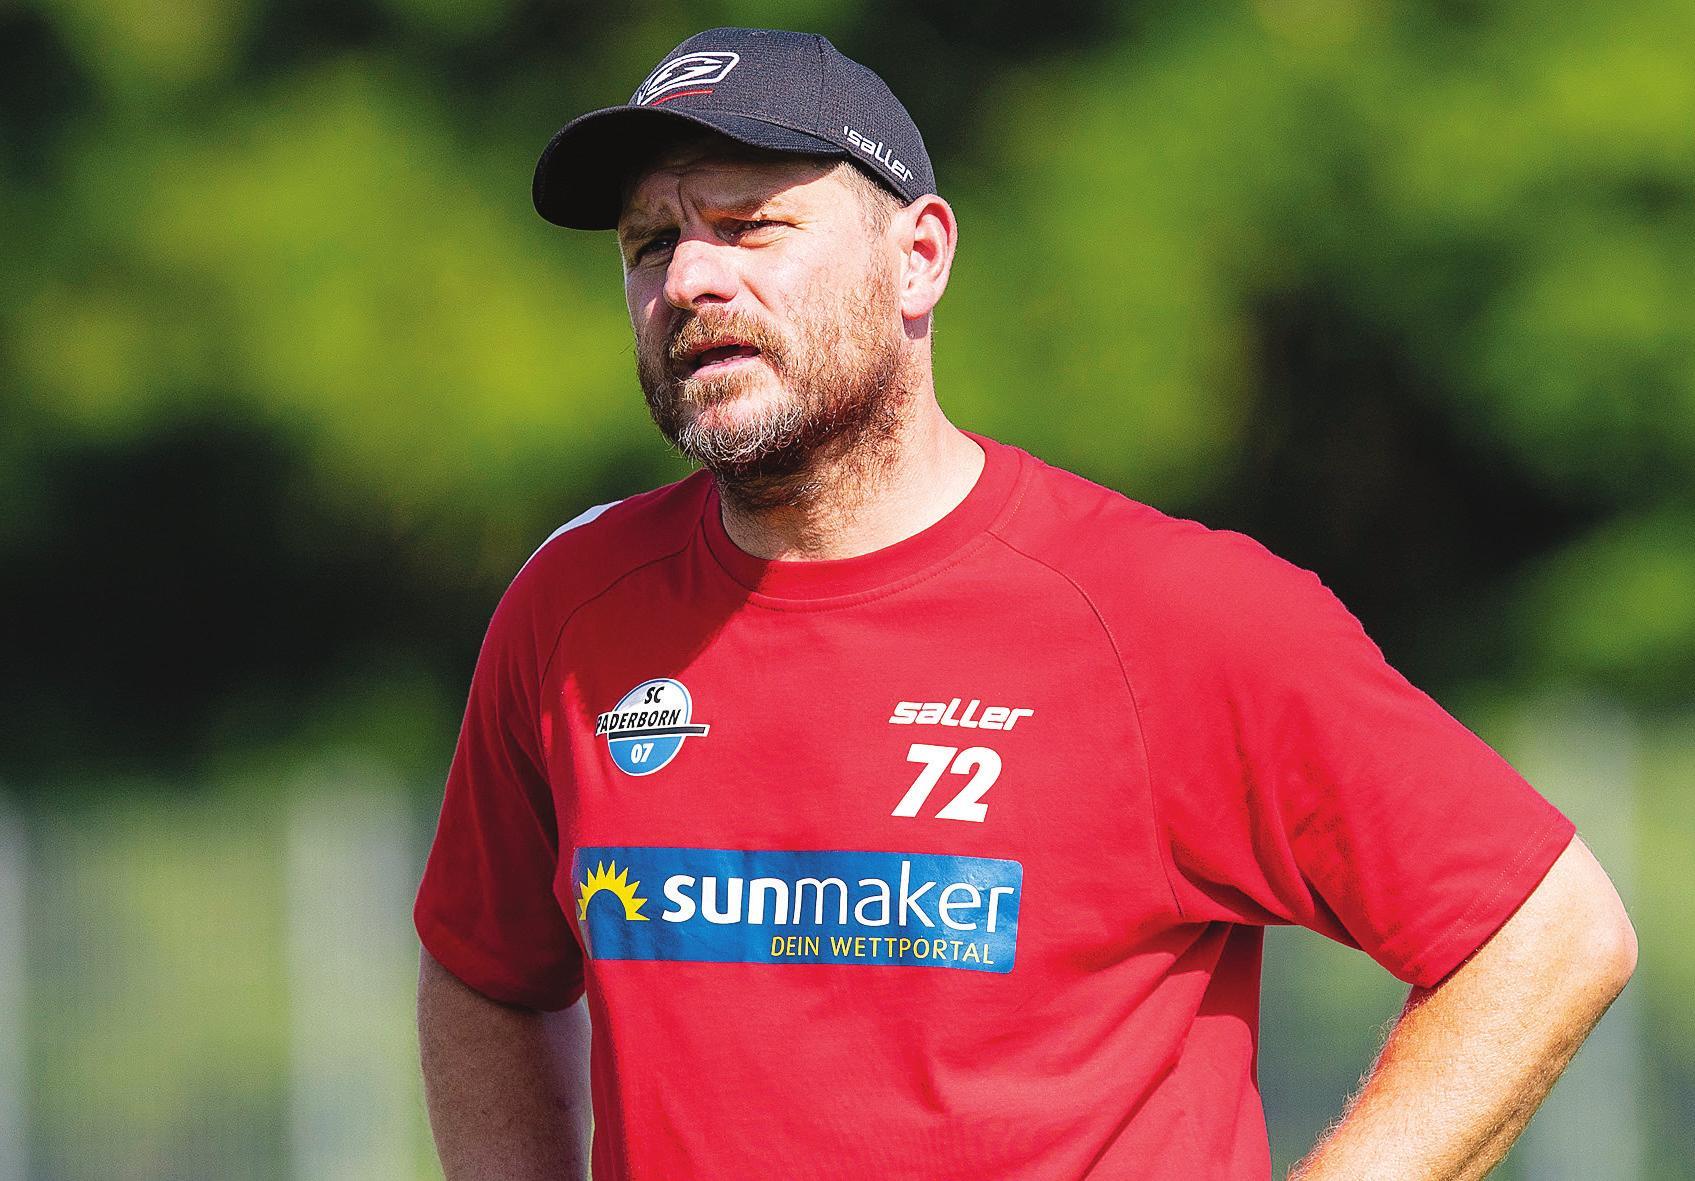 Der Trainer mit der Nummer 72 Image 1